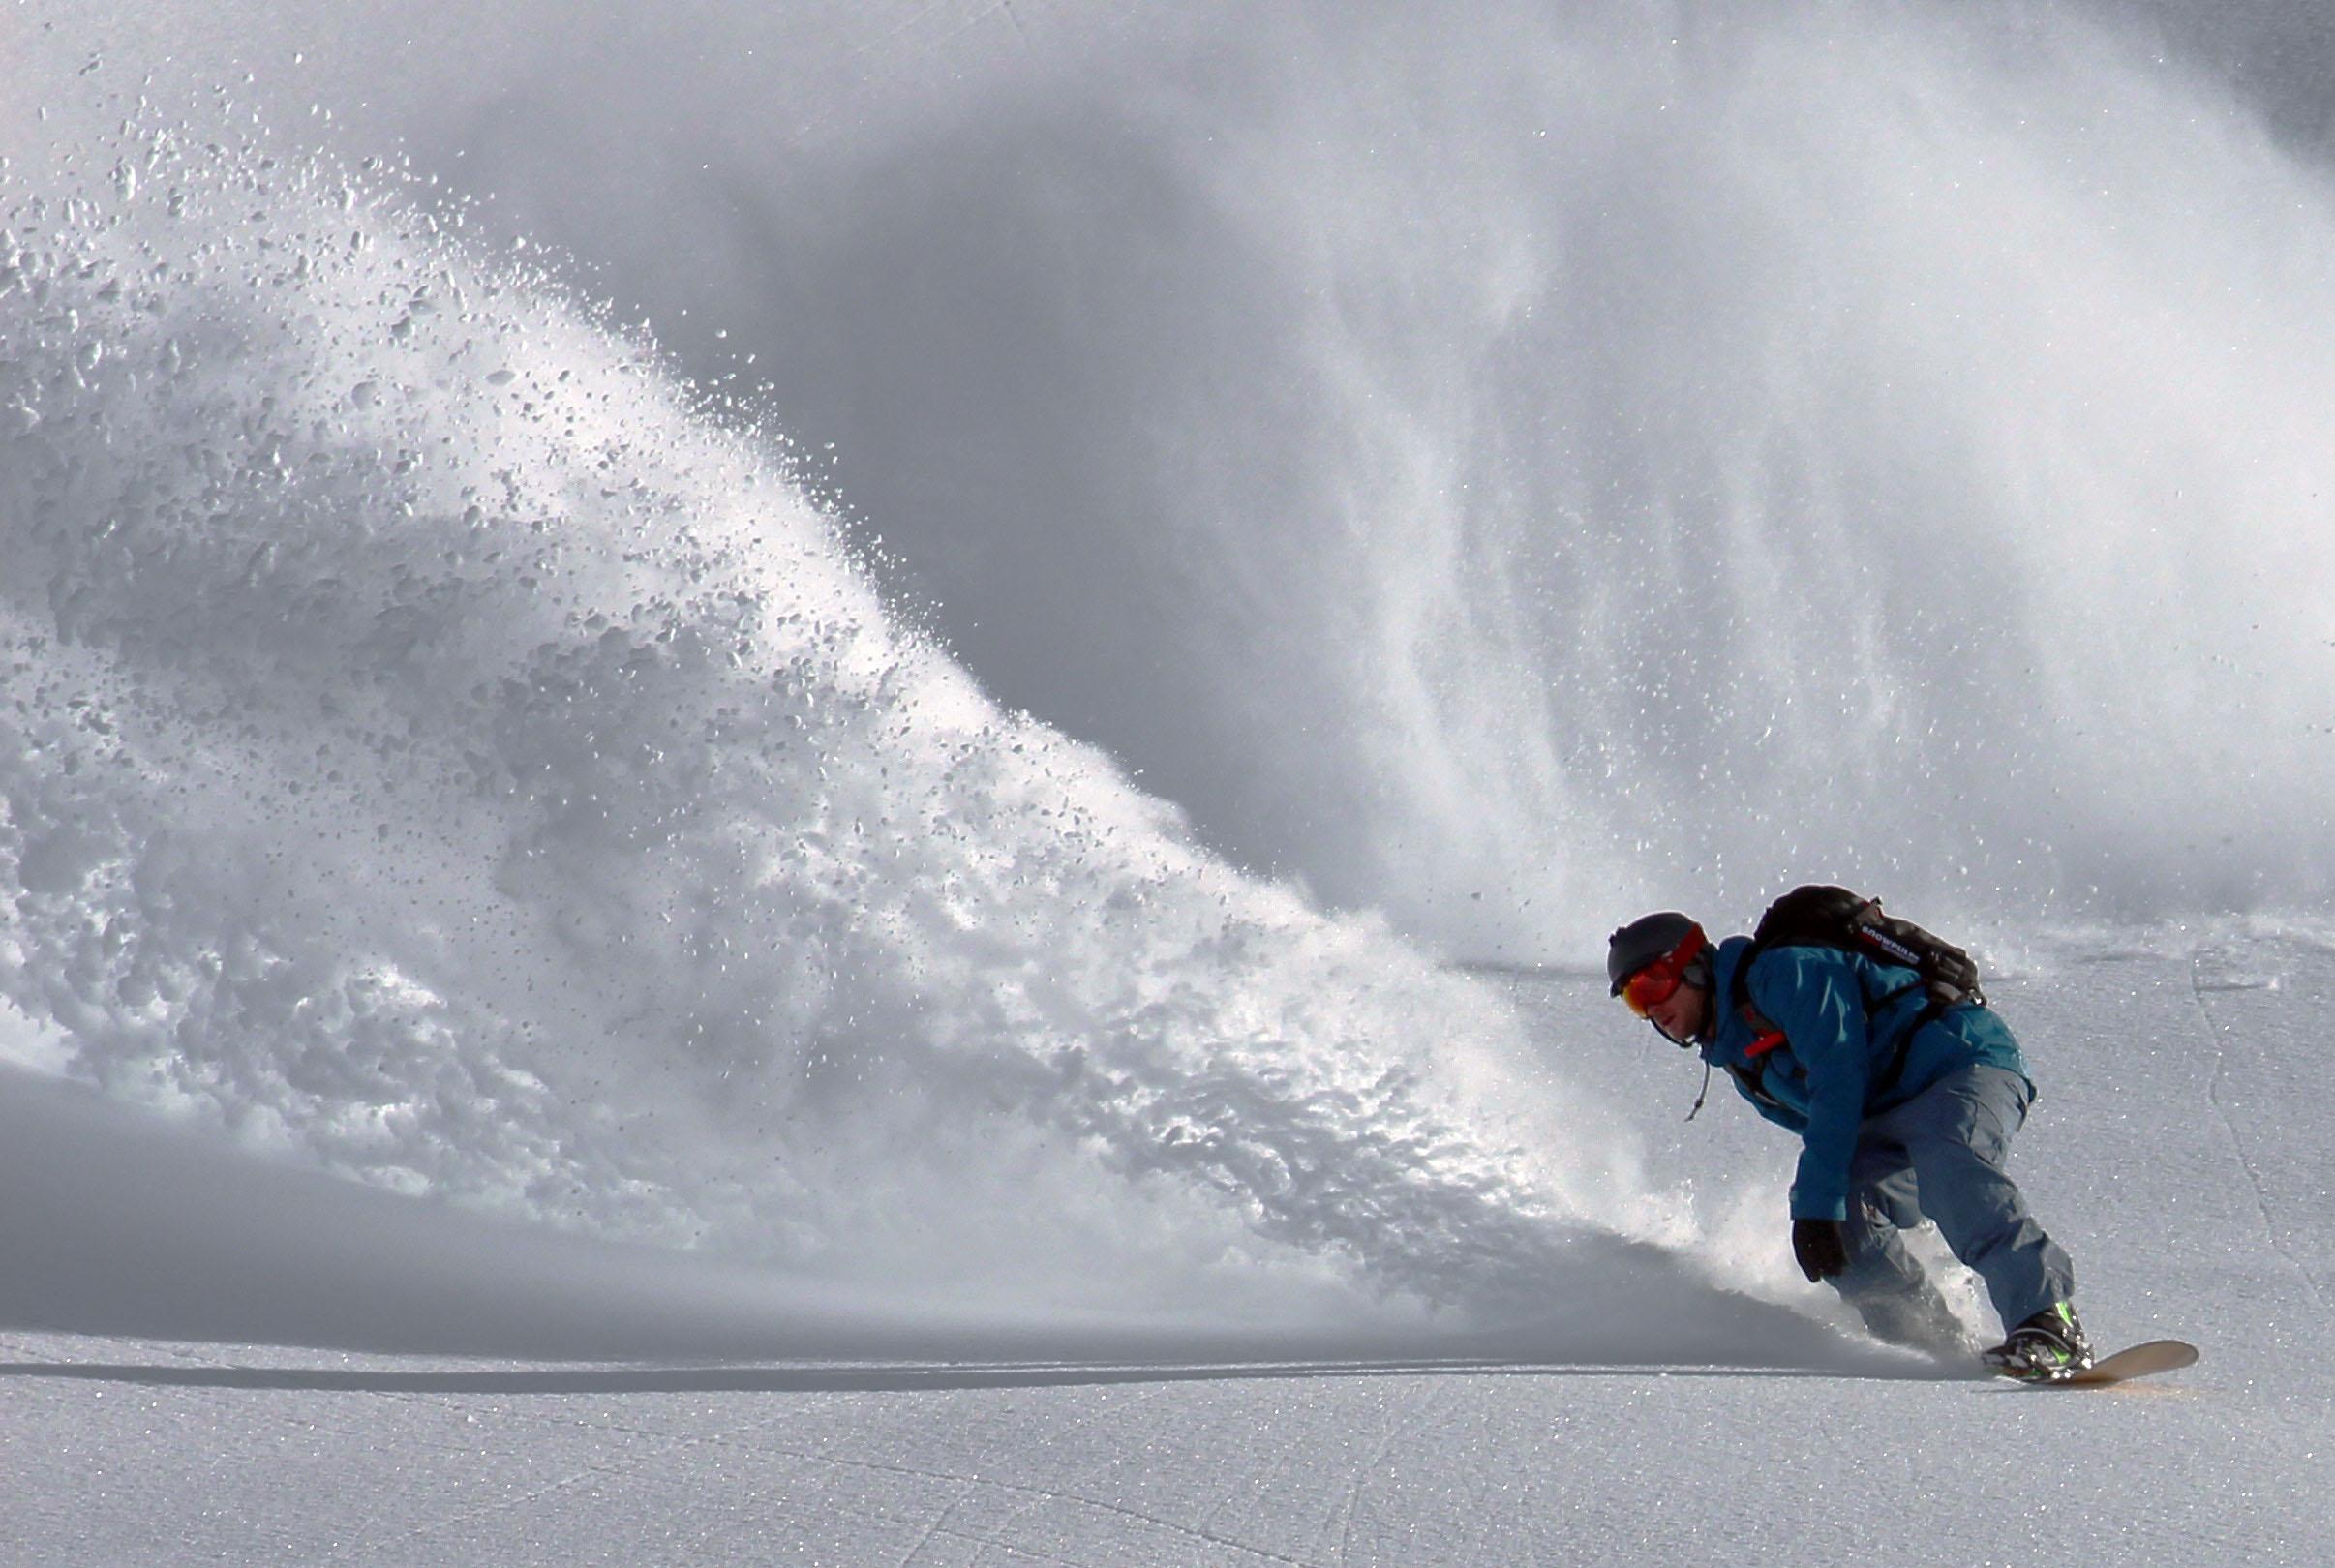 Tiefschnee_Snowboarding-St-Anton